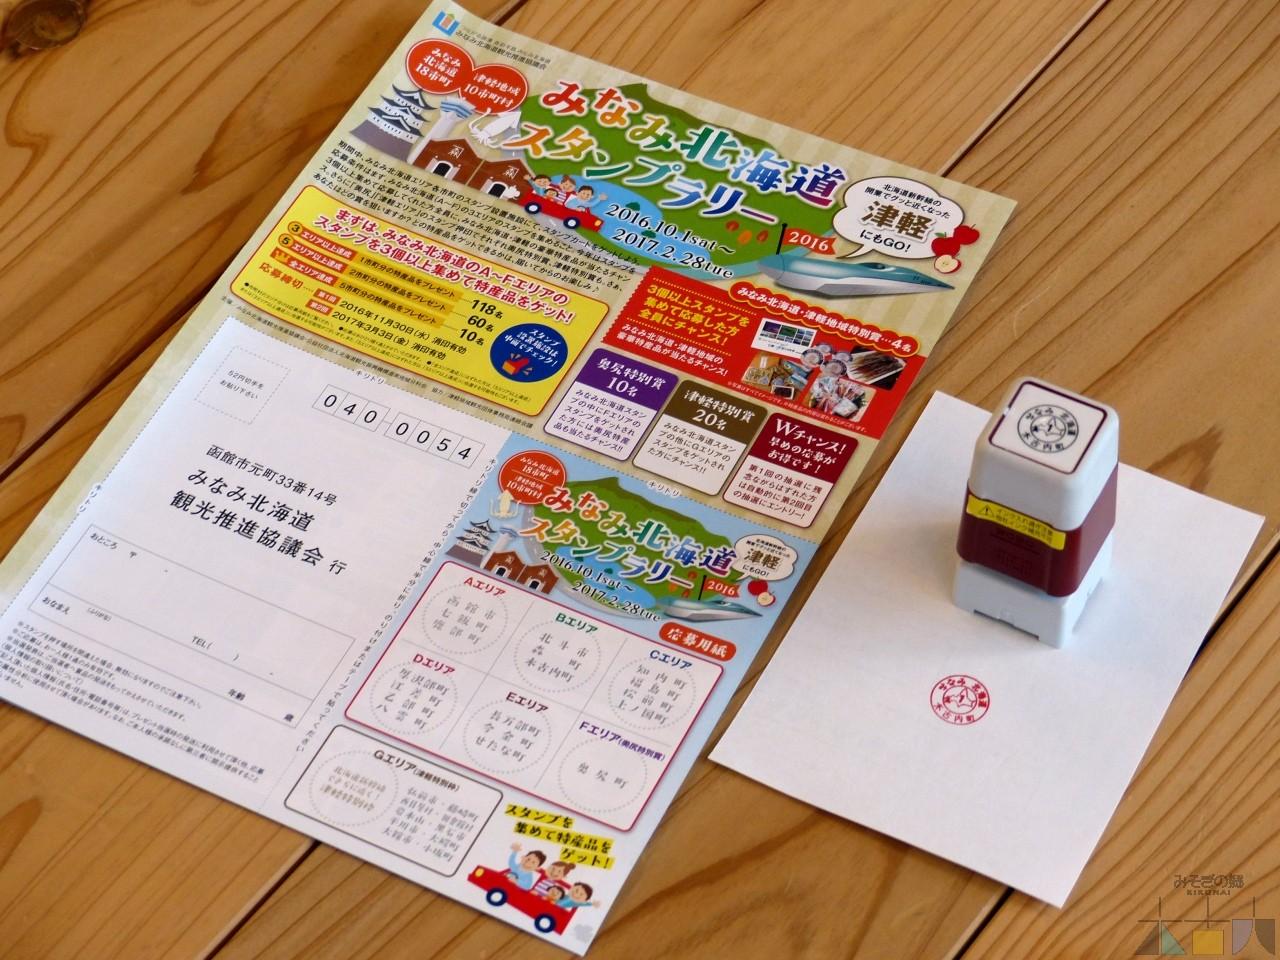 「みなみ北海道スタンプラリー2016」開始のお知らせとお詫び